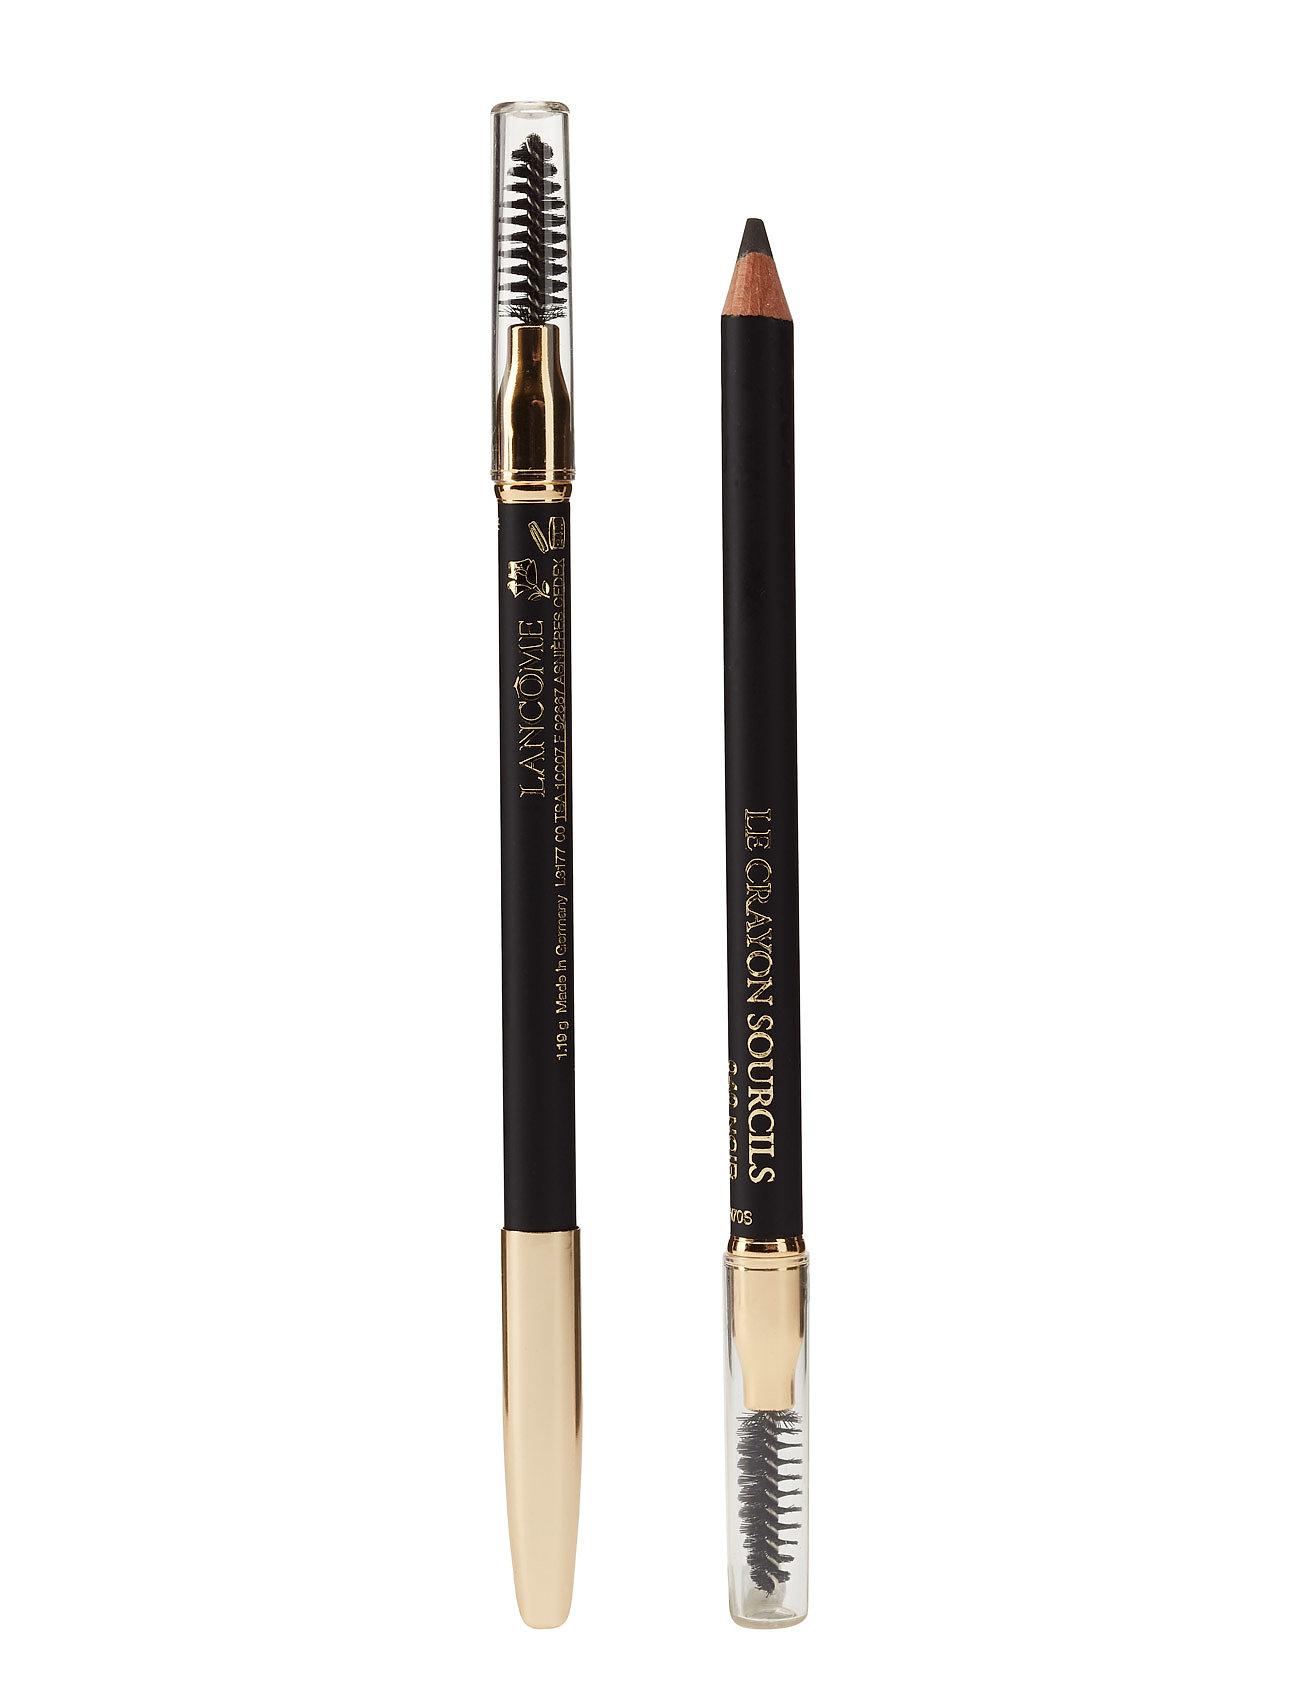 lancã´me Le crayon sourcils fra boozt.com dk